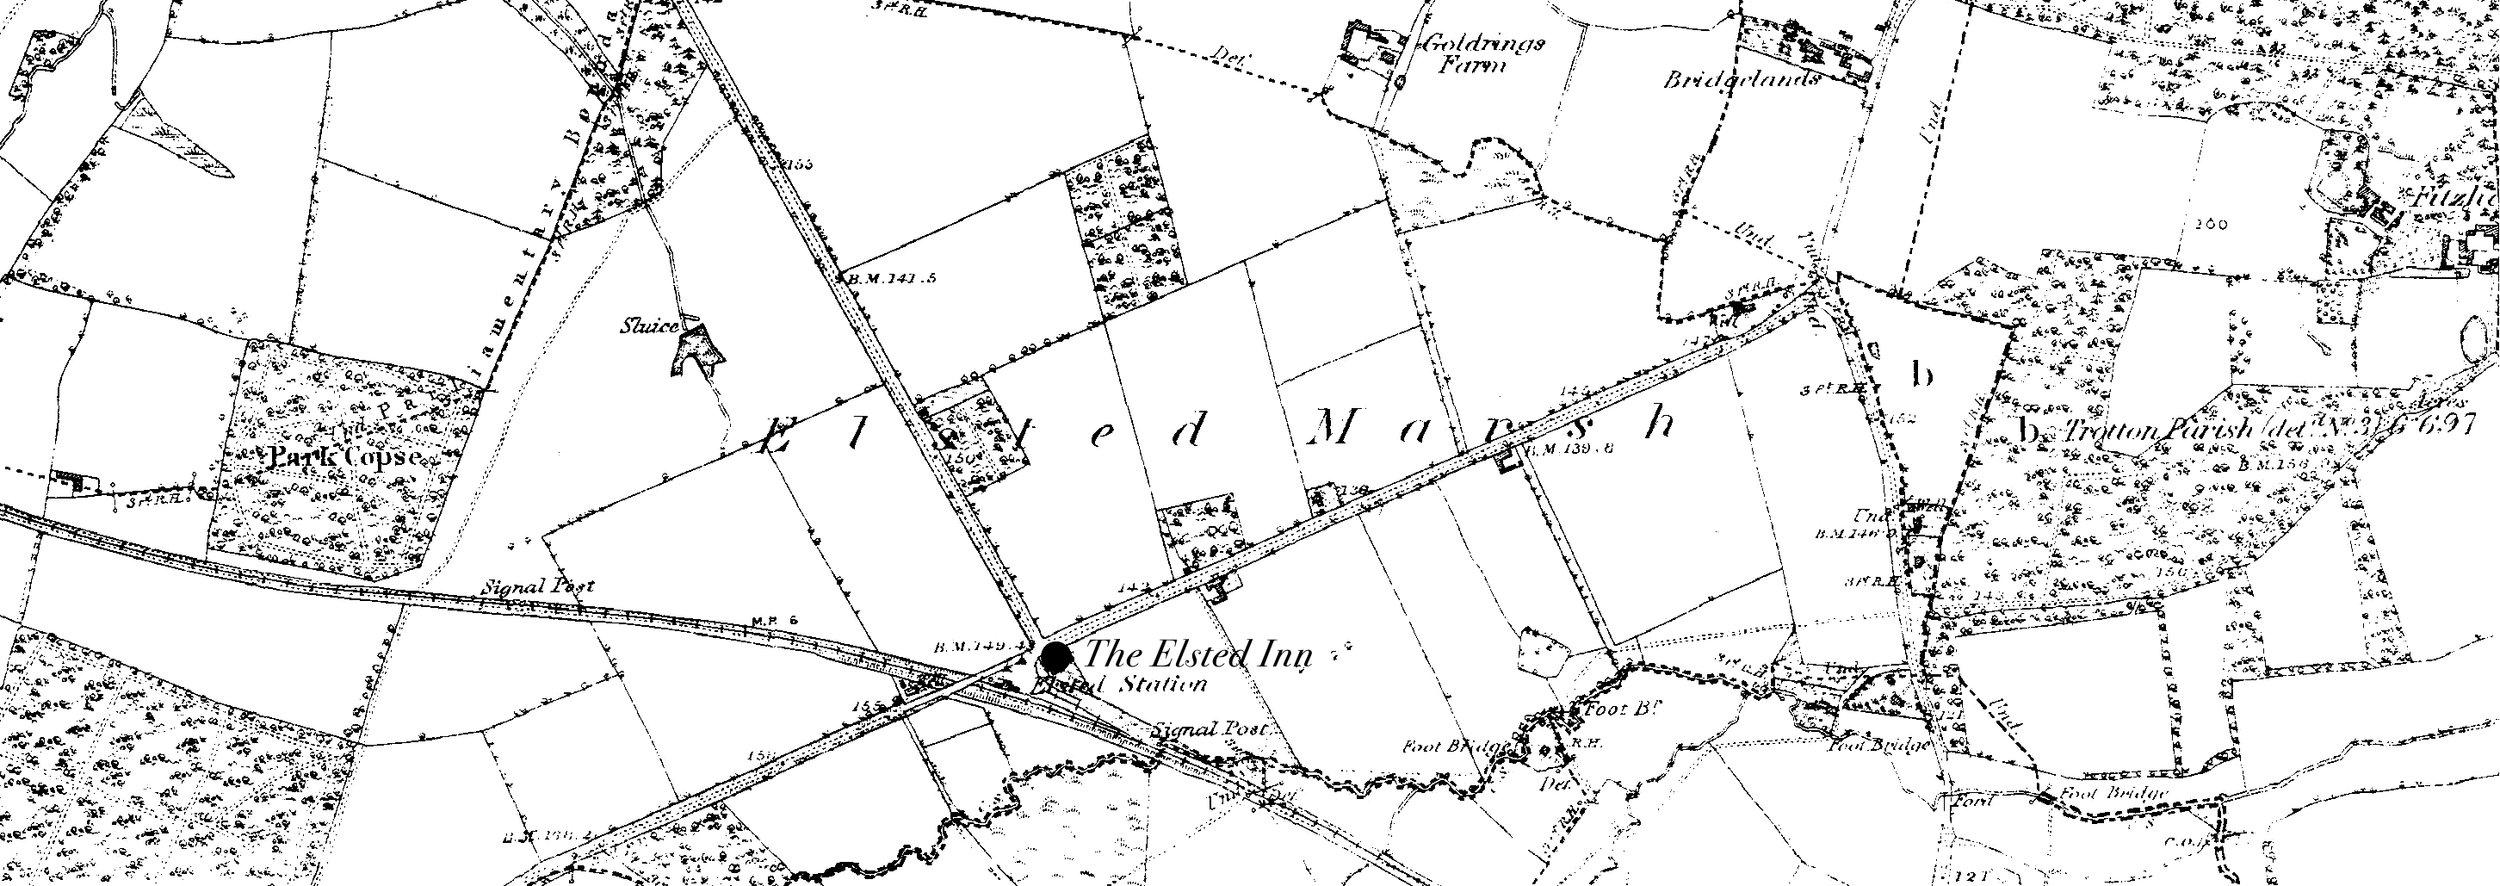 The Elsted Inn Map Banner.jpg